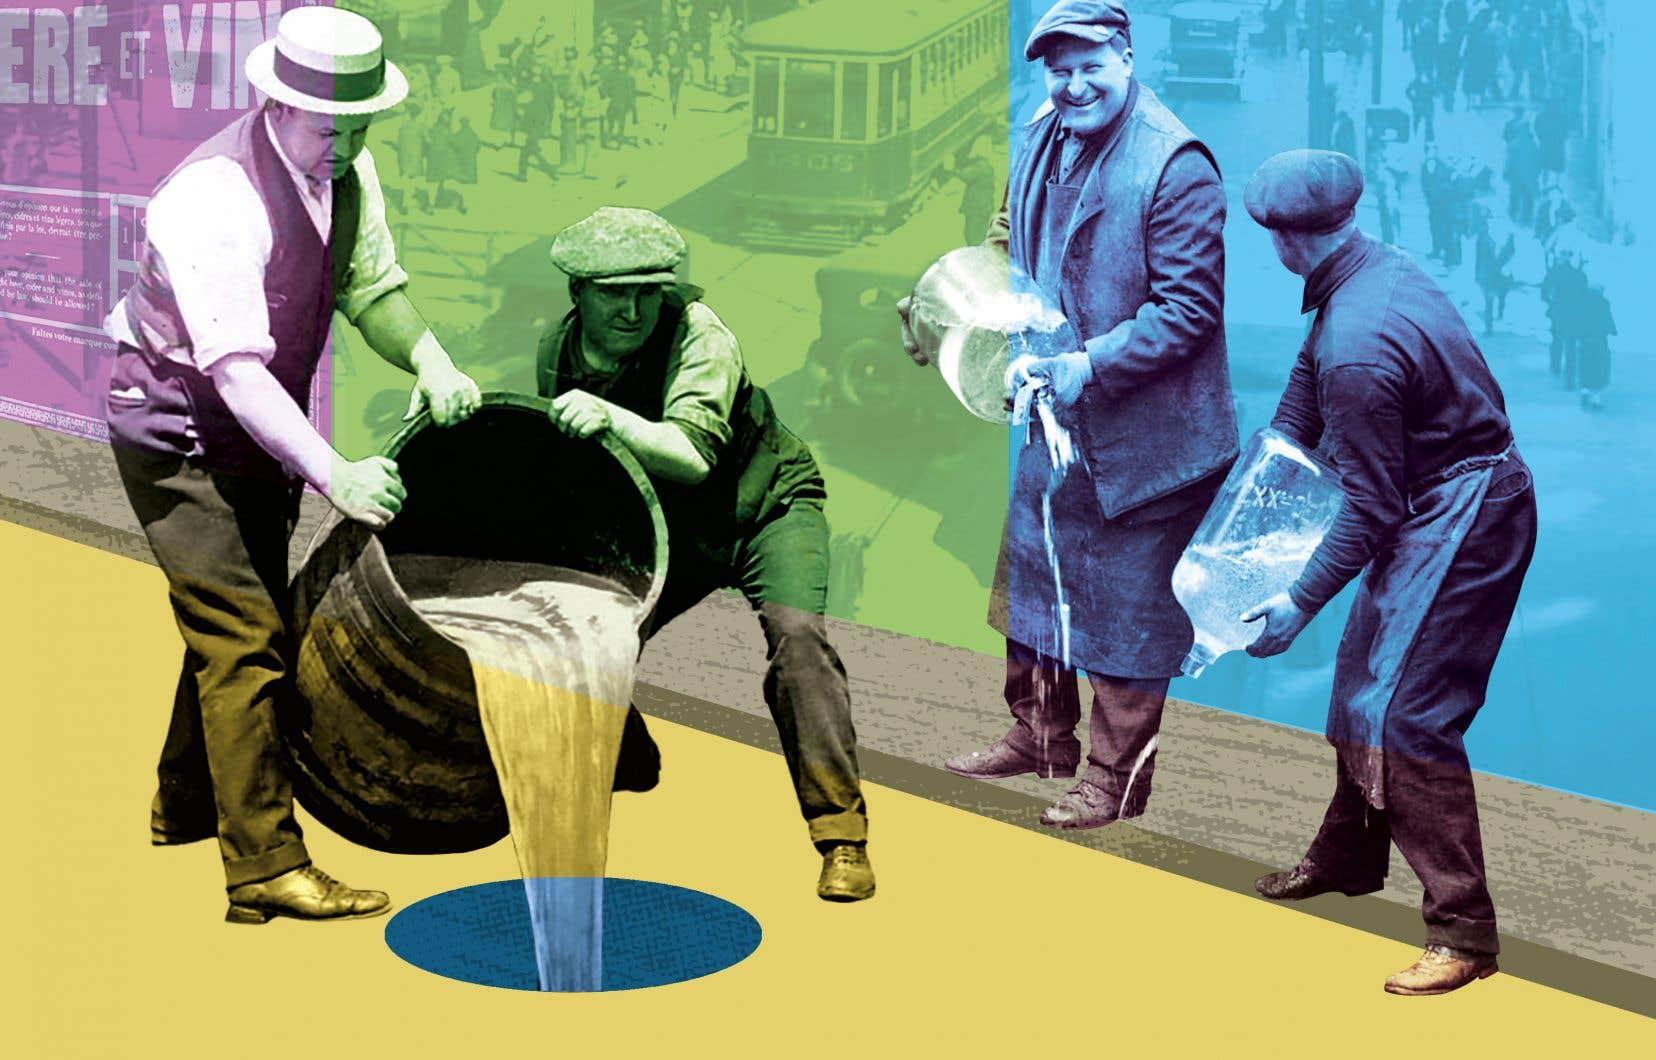 Avec l'adoption de la Loi sur les boissons alcooliques, en 1921, la Commission des liqueurs, l'ancêtre de la SAQ, se met en place avec de vastes pouvoirs. Malgré cela, les Québécois continuent à acheter de l'alcool de contrebande. Avec la prohibition, les Américains sont assoiffés. Des contrebandiers, les «bootleggers», vivent leur âge d'or.